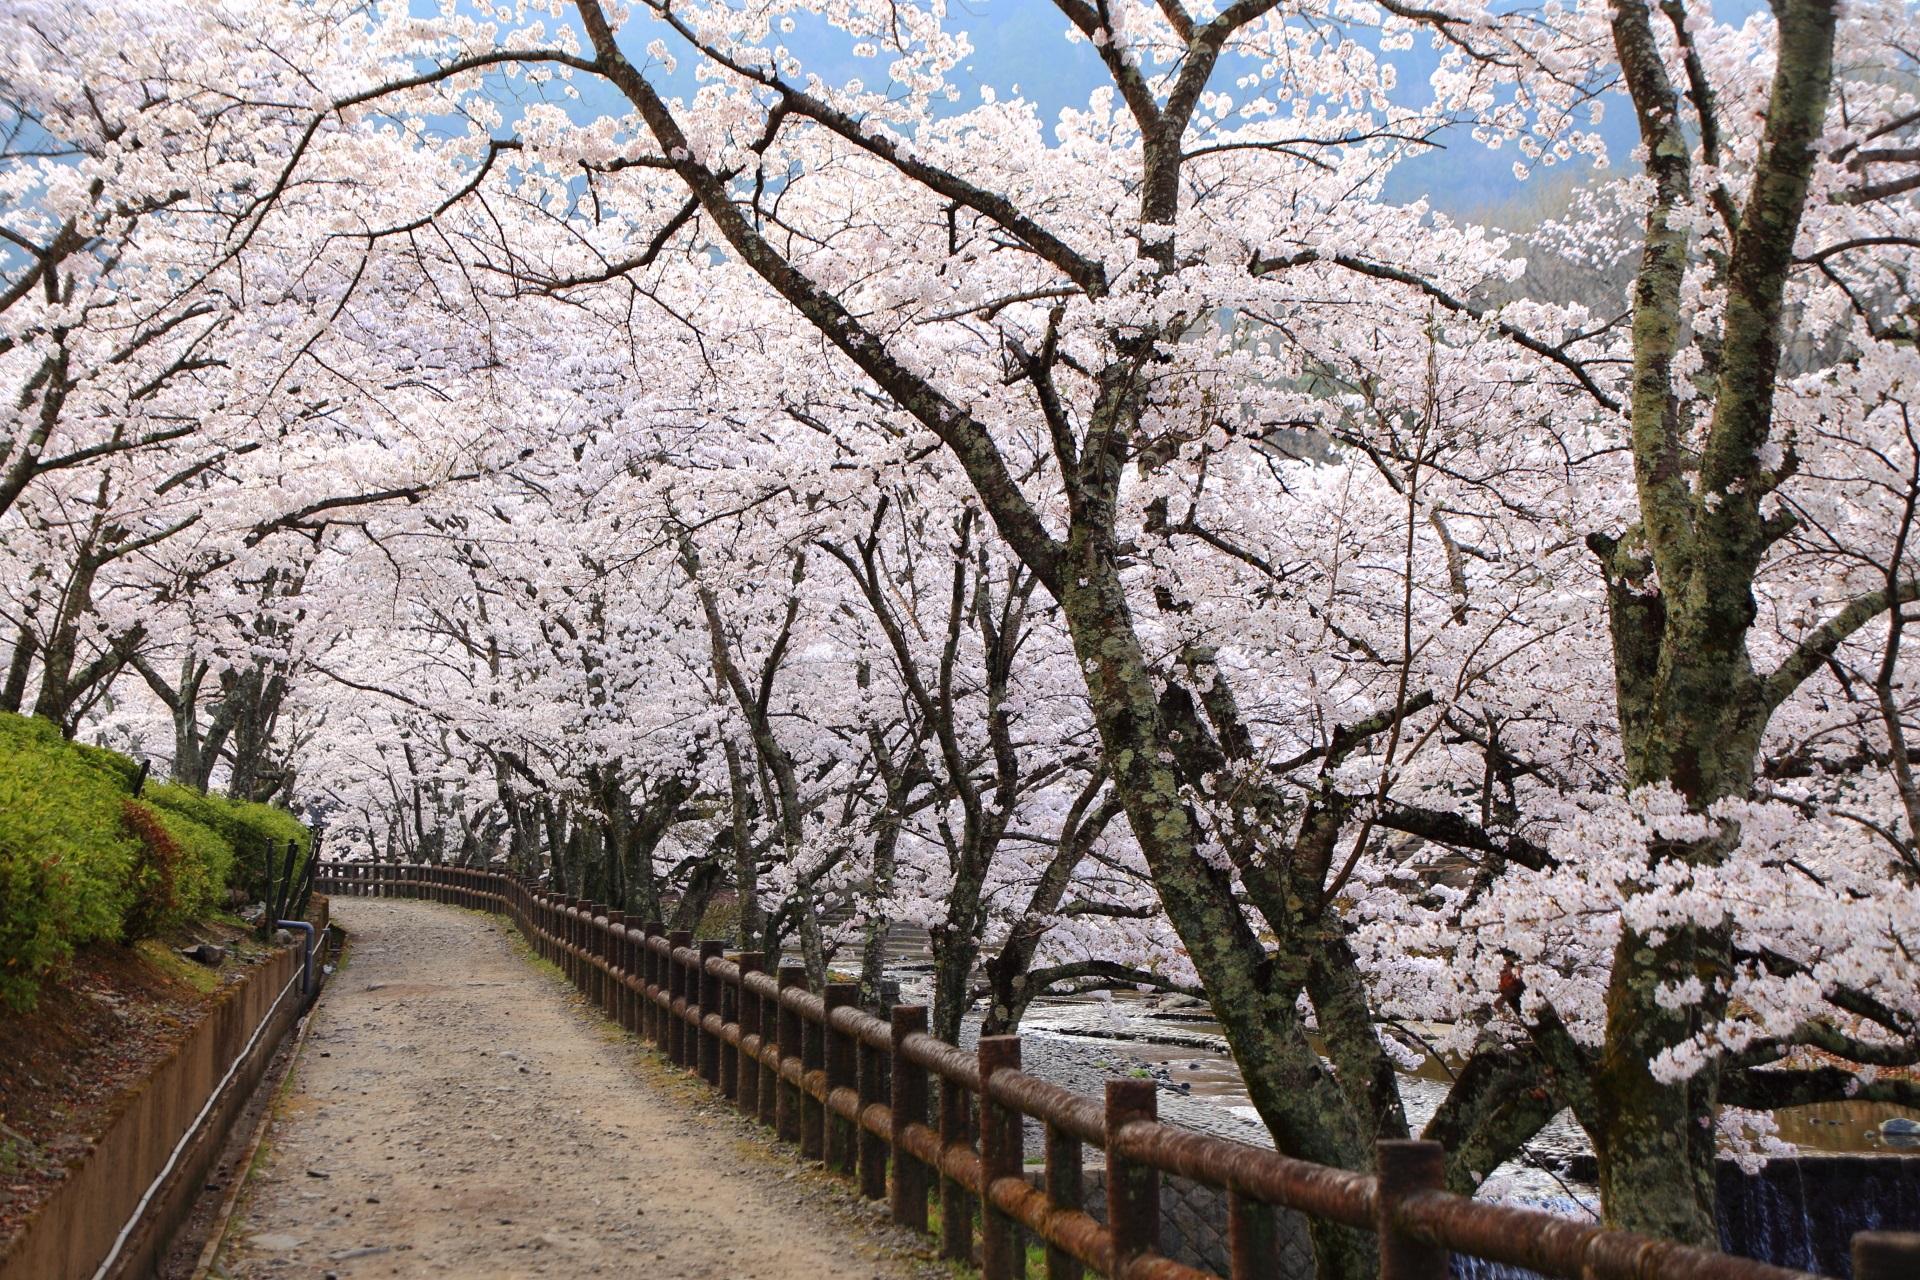 七谷川沿いの春色の空間